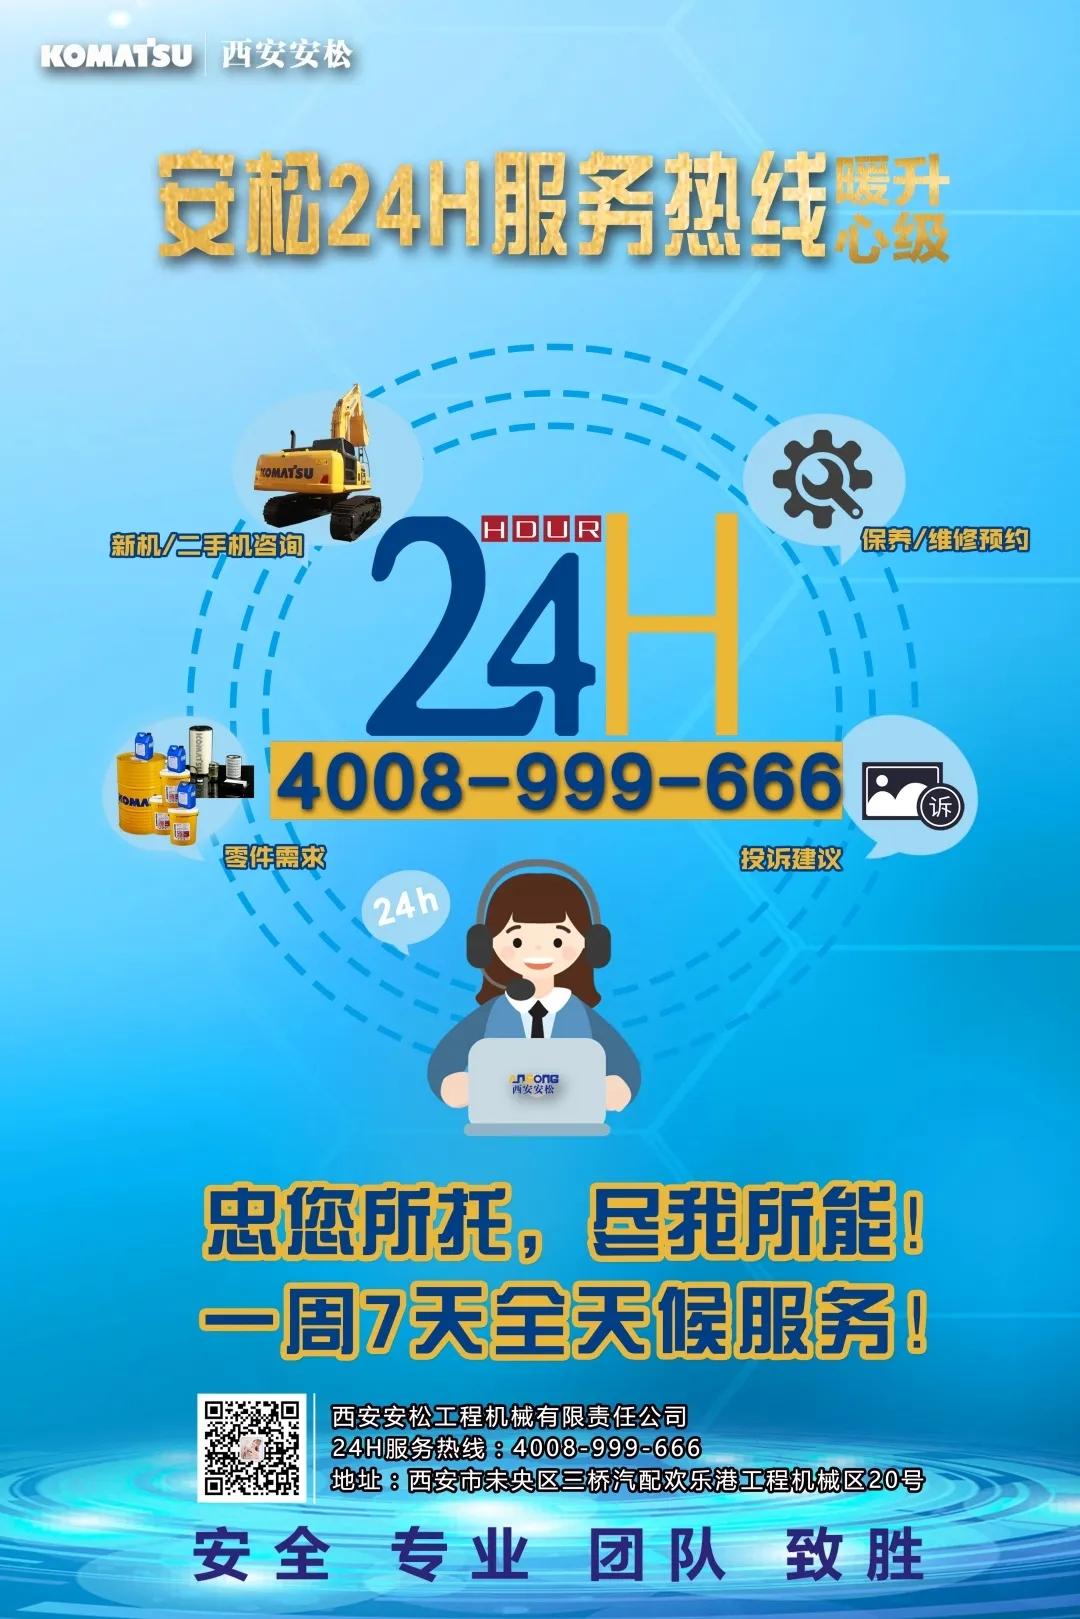 【忠您所托·盡我所能】西安安松官方24H服務熱線暖心升級!